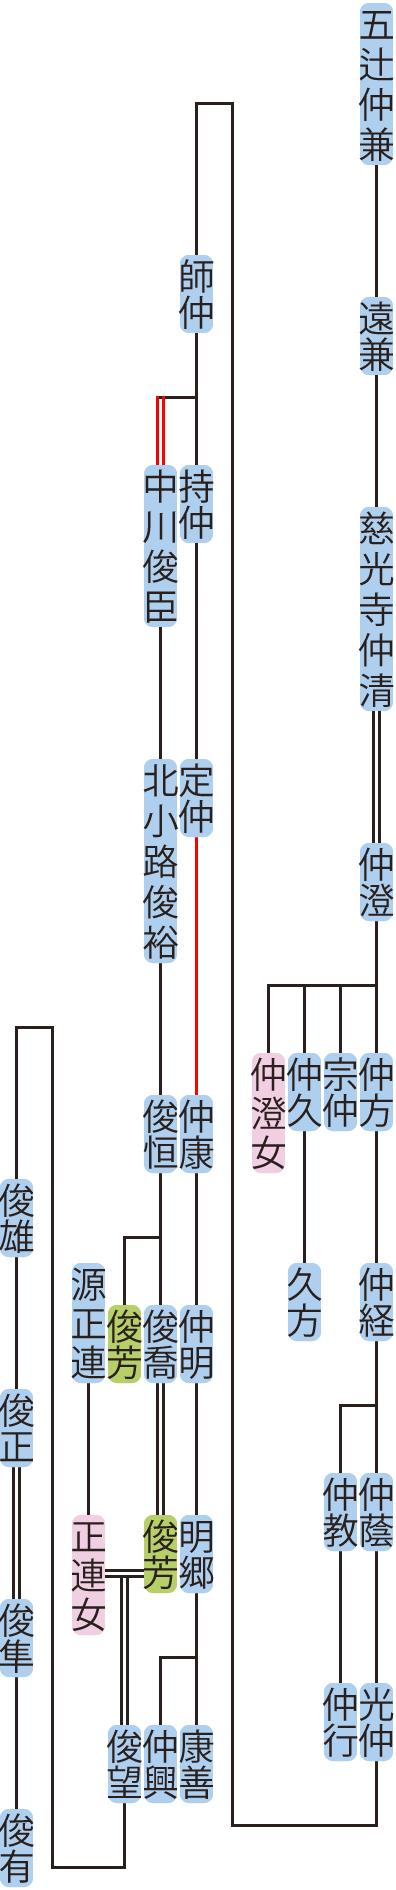 慈光寺仲清~仲明の系図